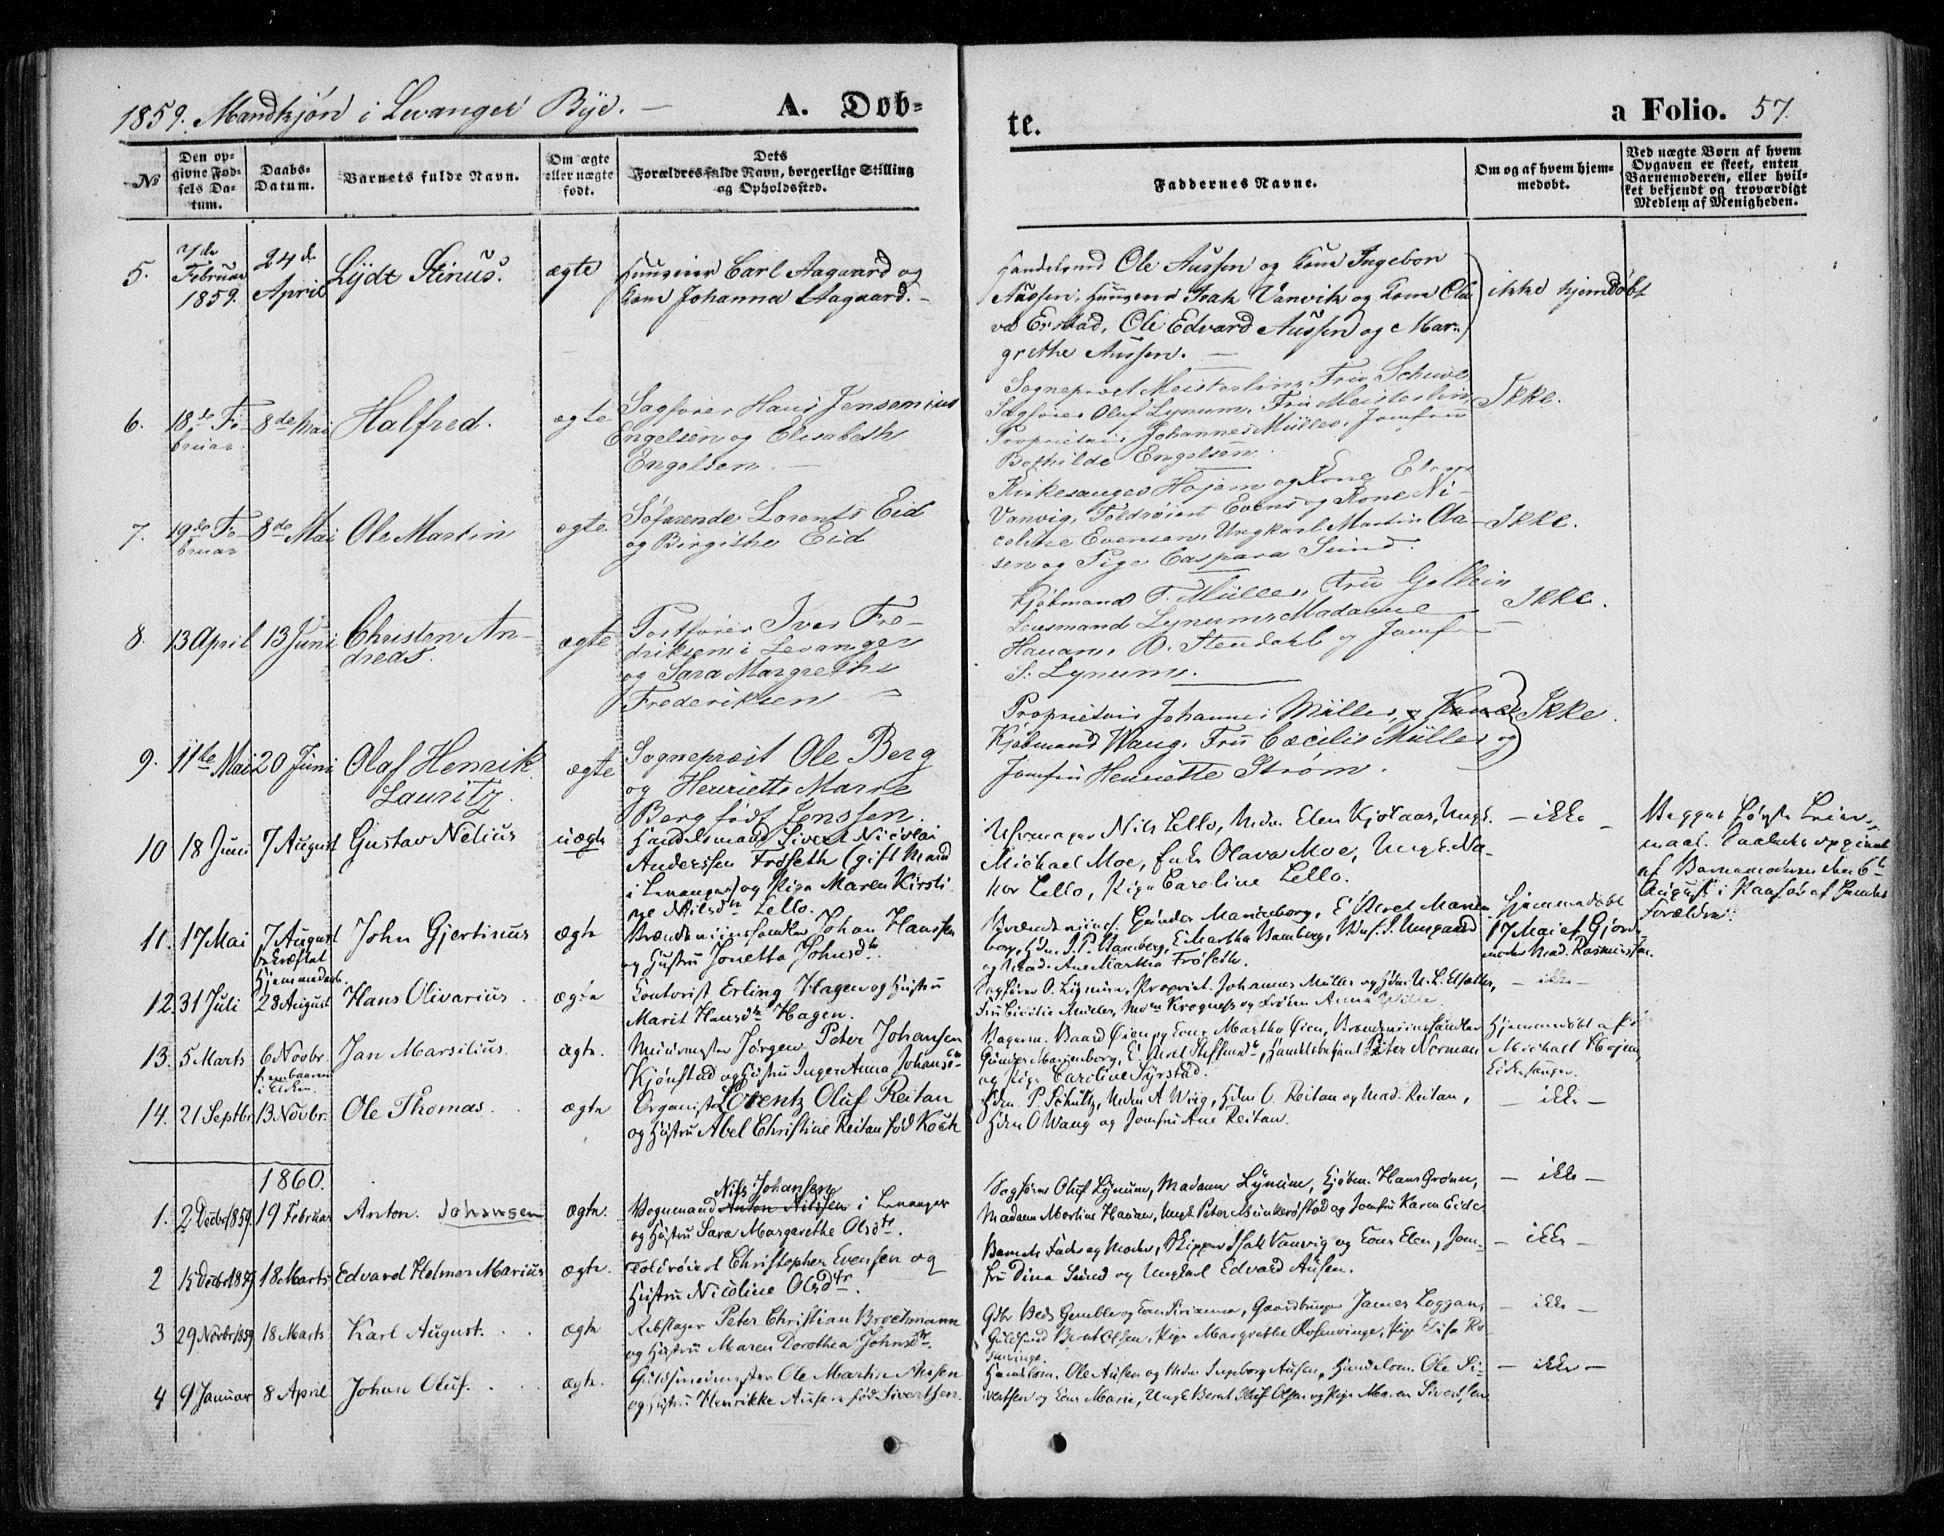 SAT, Ministerialprotokoller, klokkerbøker og fødselsregistre - Nord-Trøndelag, 720/L0184: Ministerialbok nr. 720A02 /1, 1855-1863, s. 57